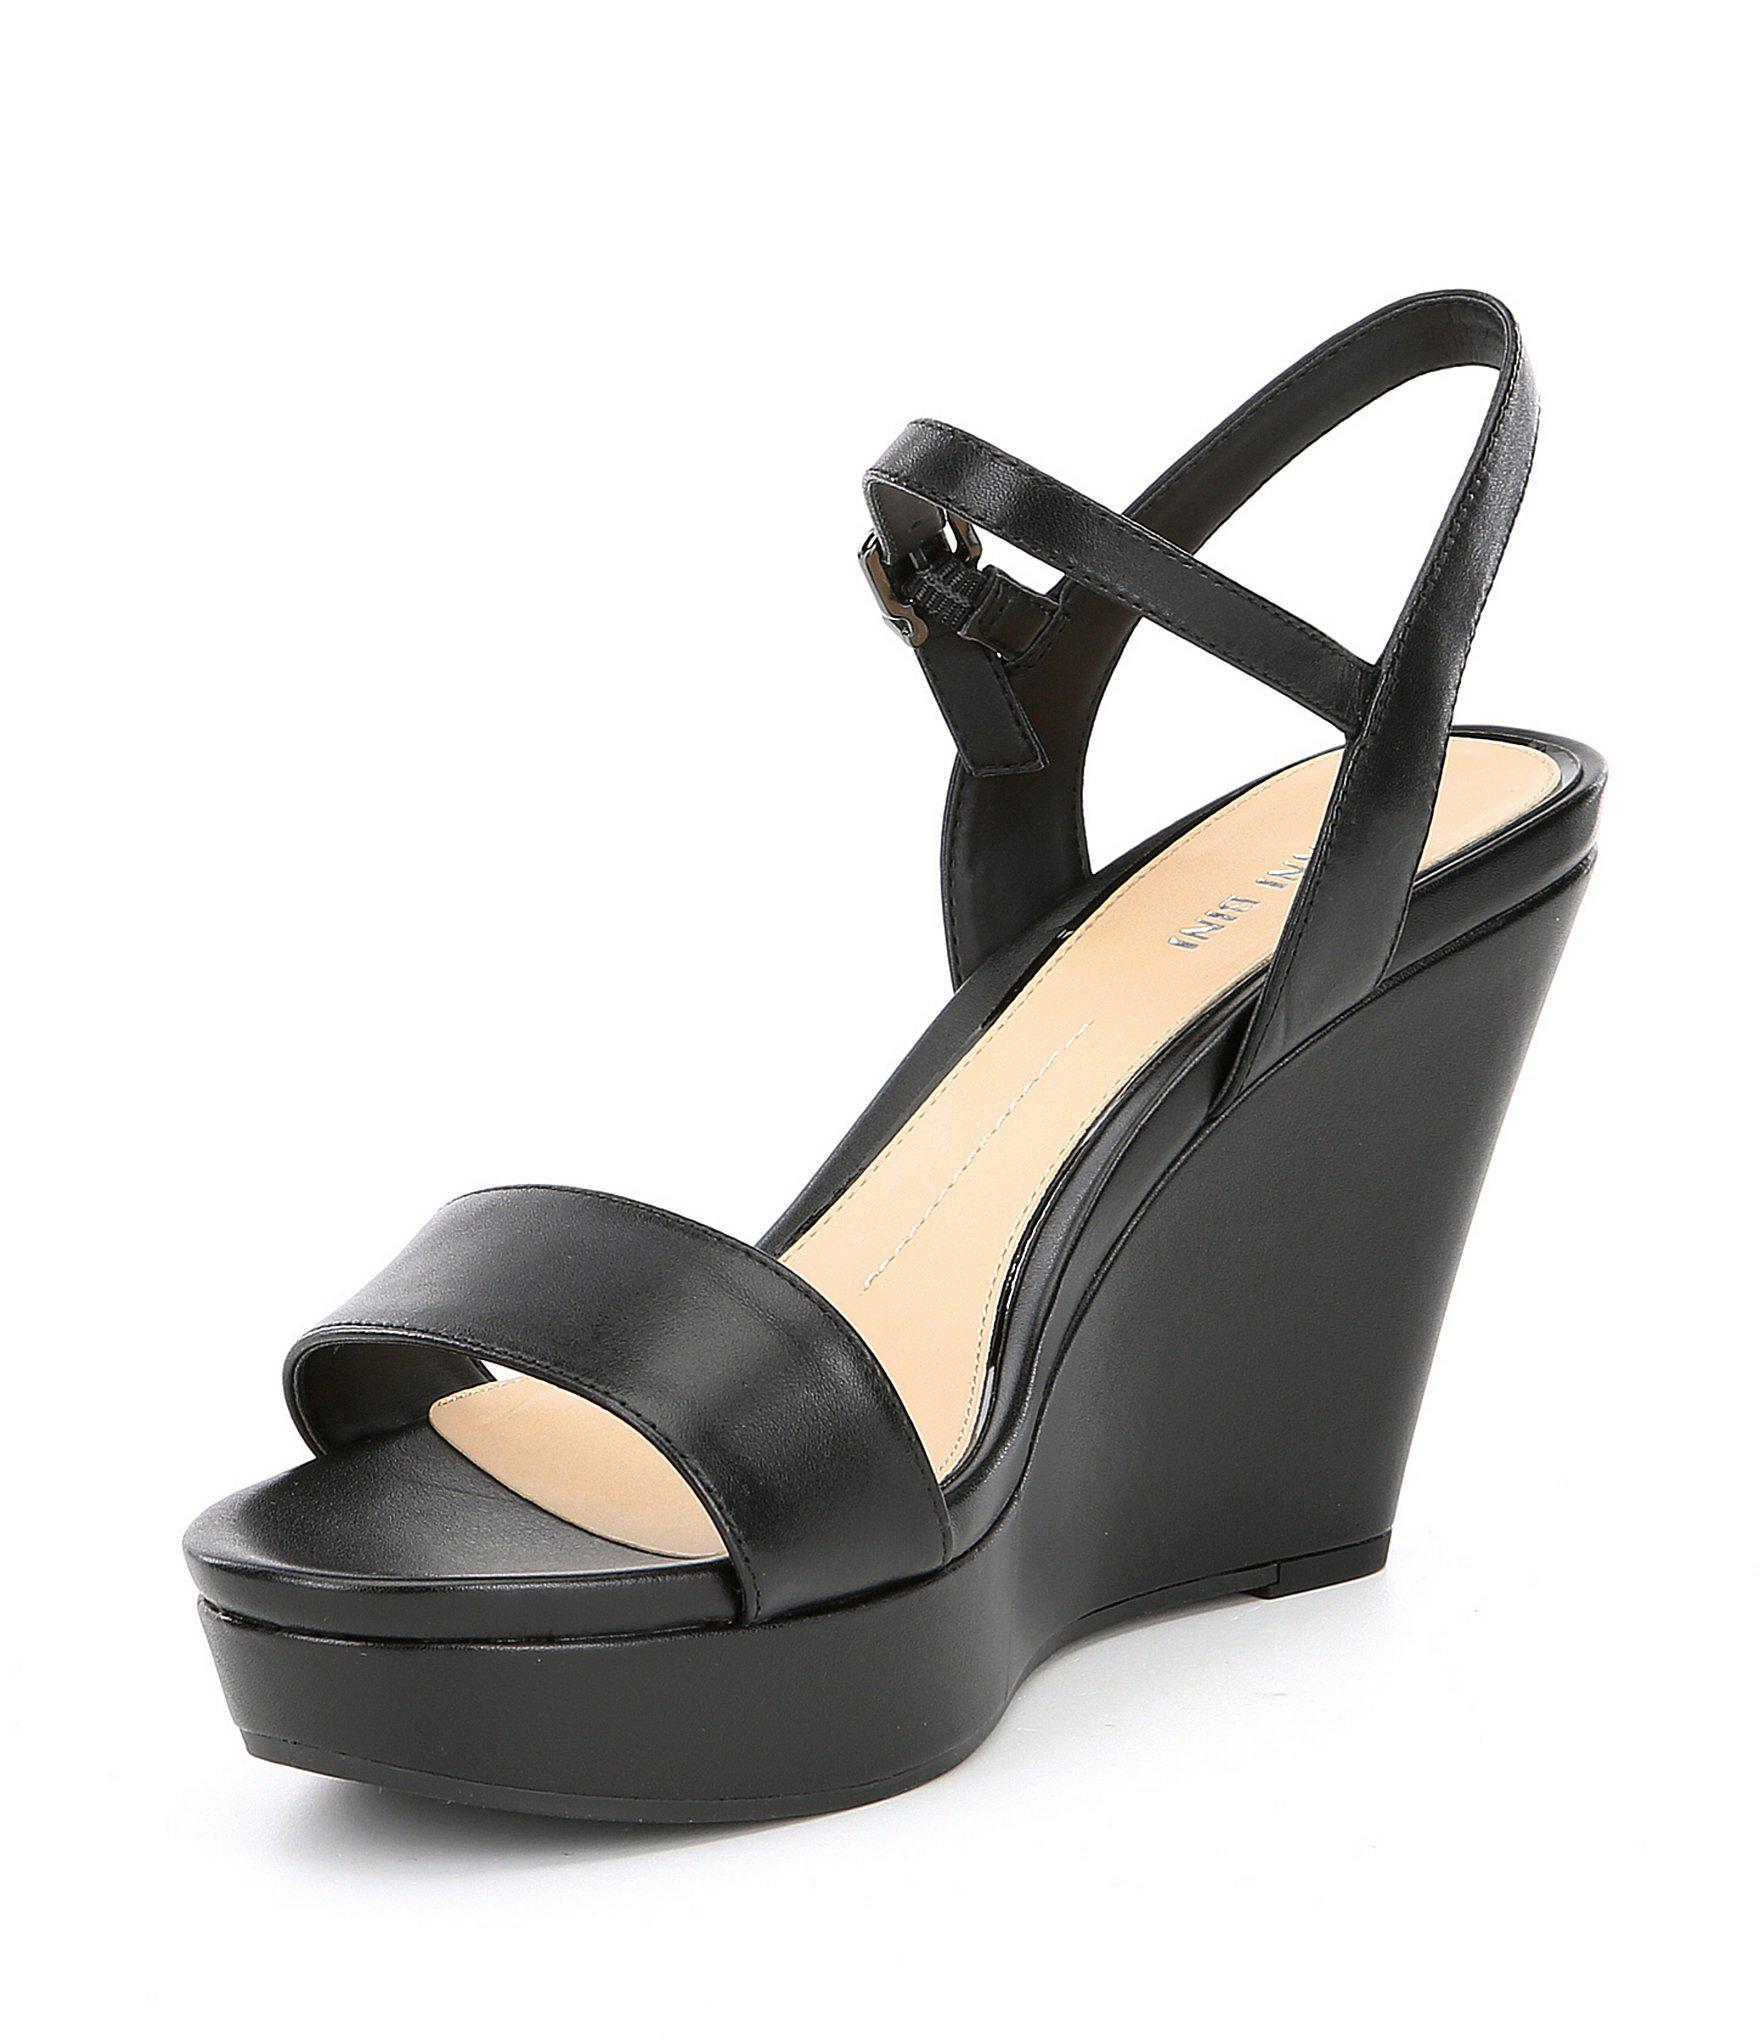 f94a50e1104b Lyst - Gianni Bini Juudeth Leather Wedges in Black